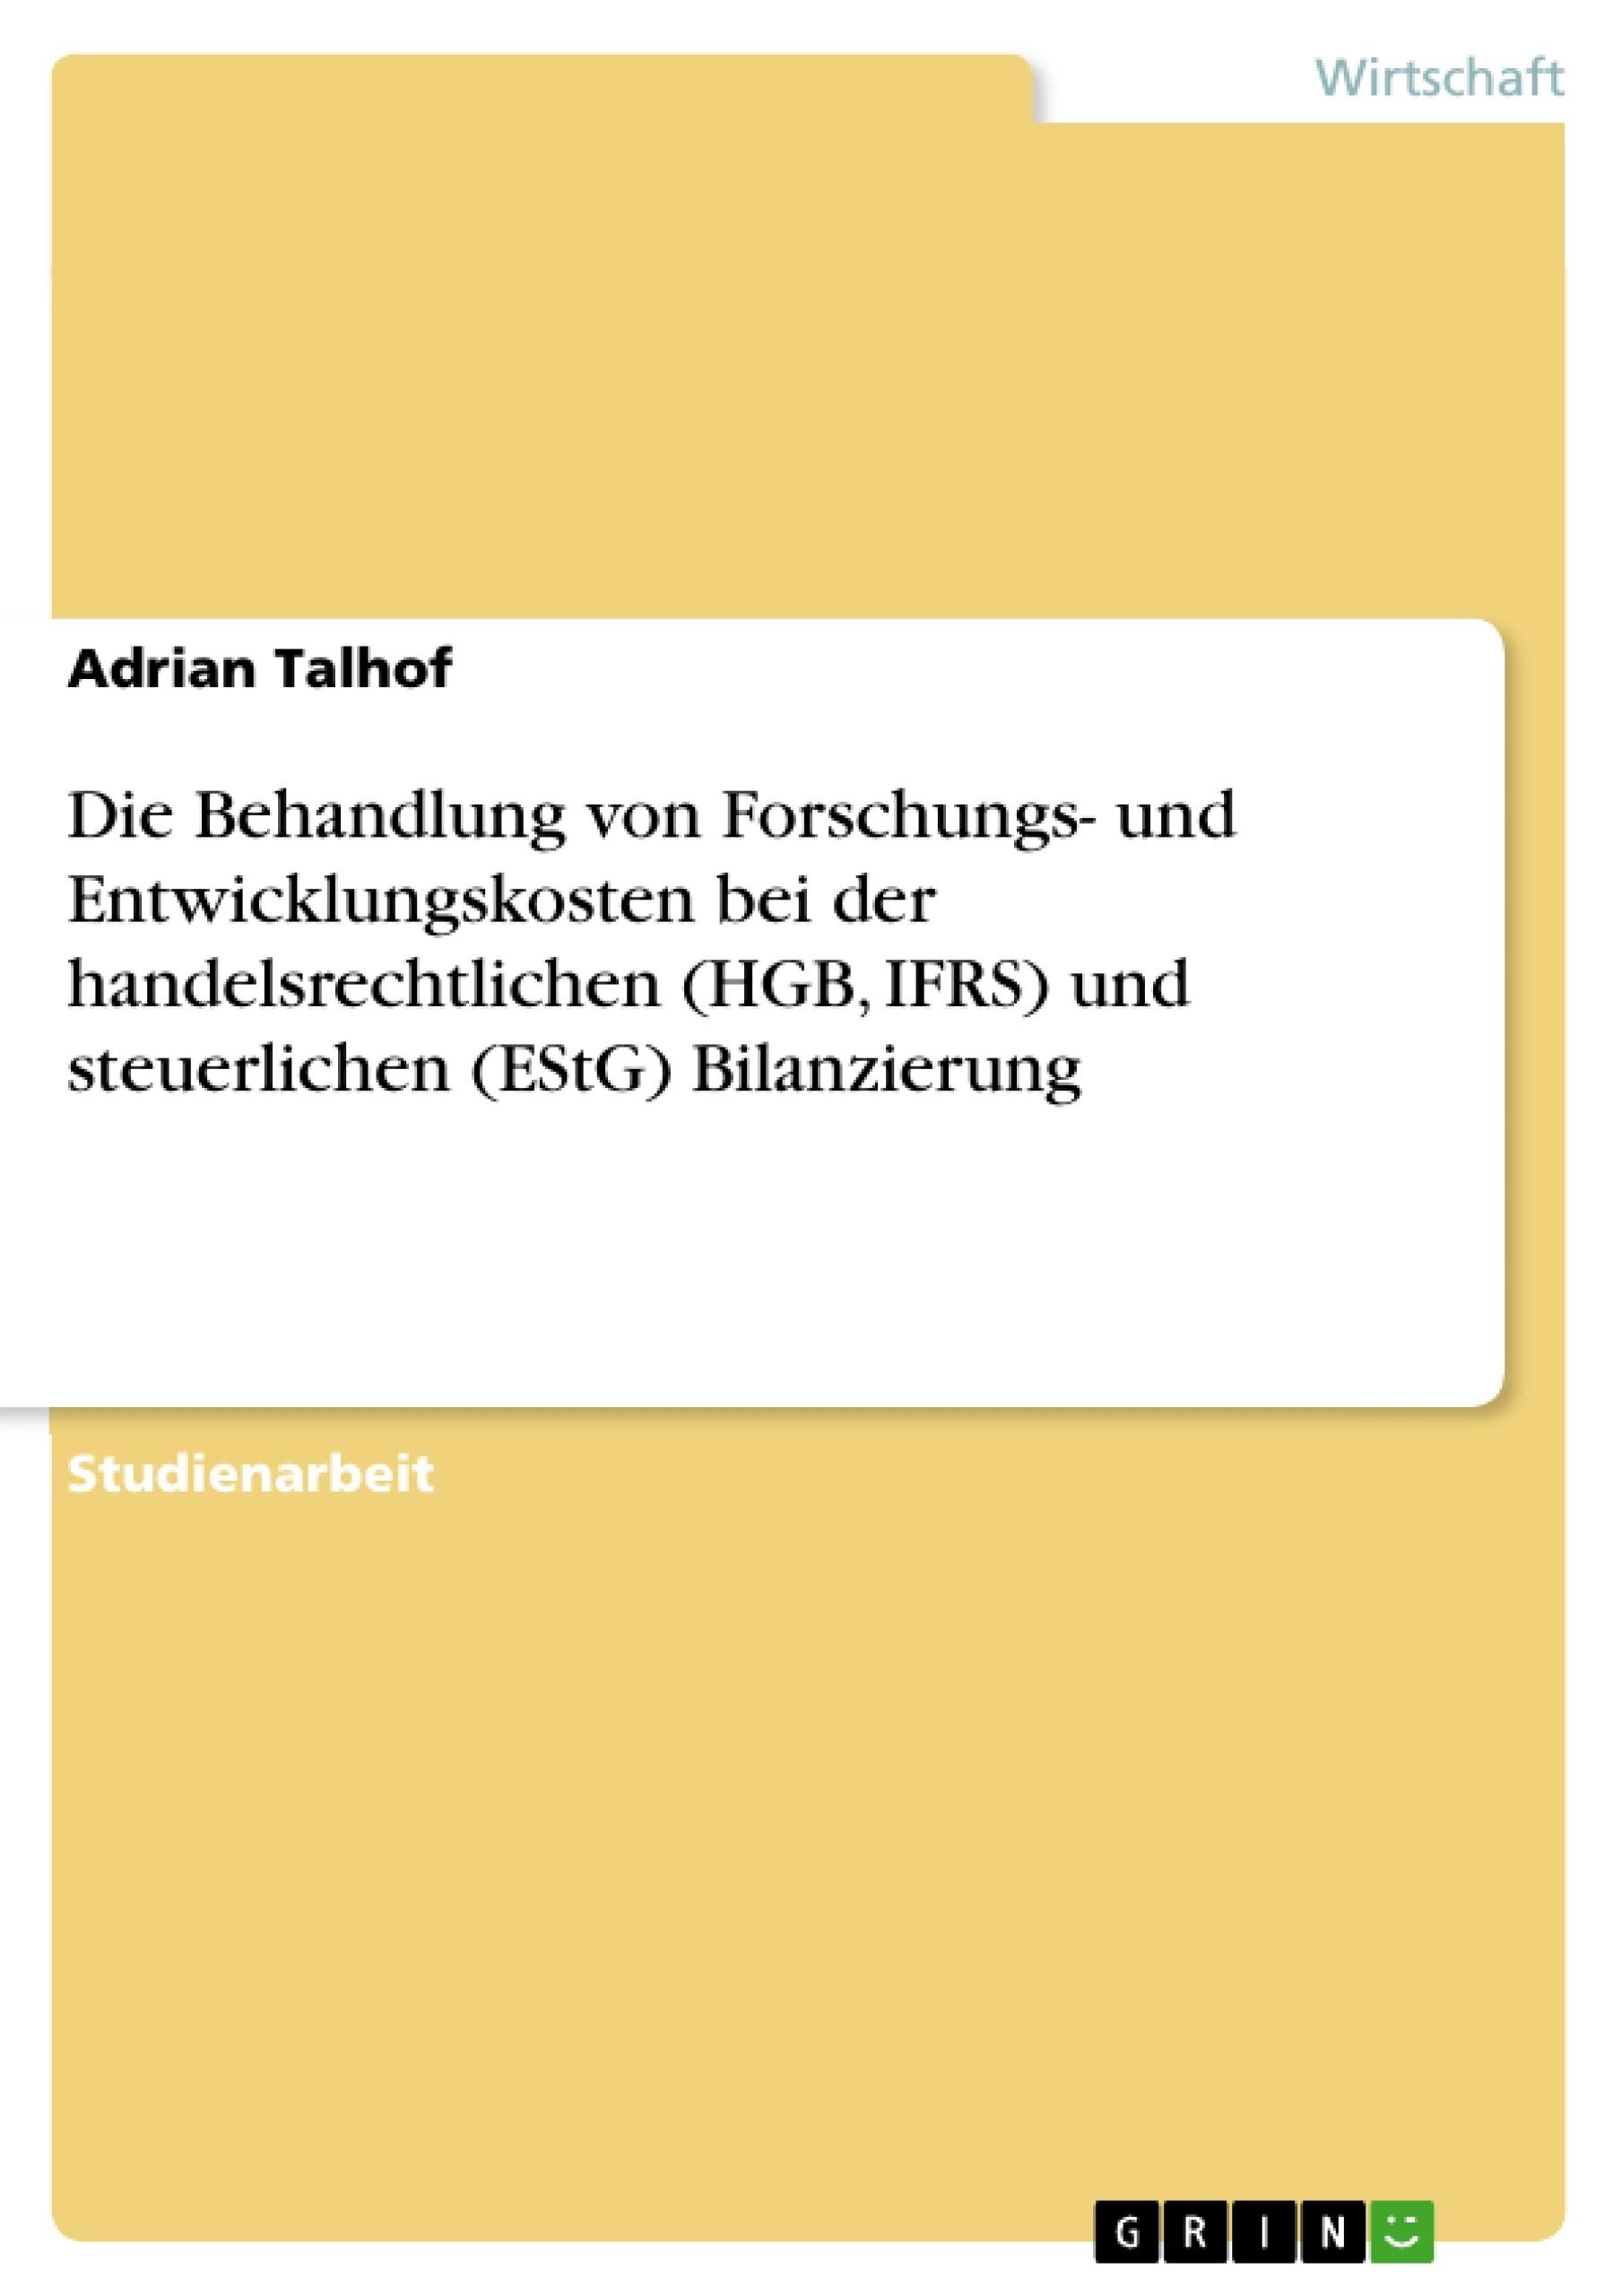 Titel: Die Behandlung von Forschungs- und Entwicklungskosten bei der handelsrechtlichen (HGB, IFRS) und steuerlichen (EStG) Bilanzierung